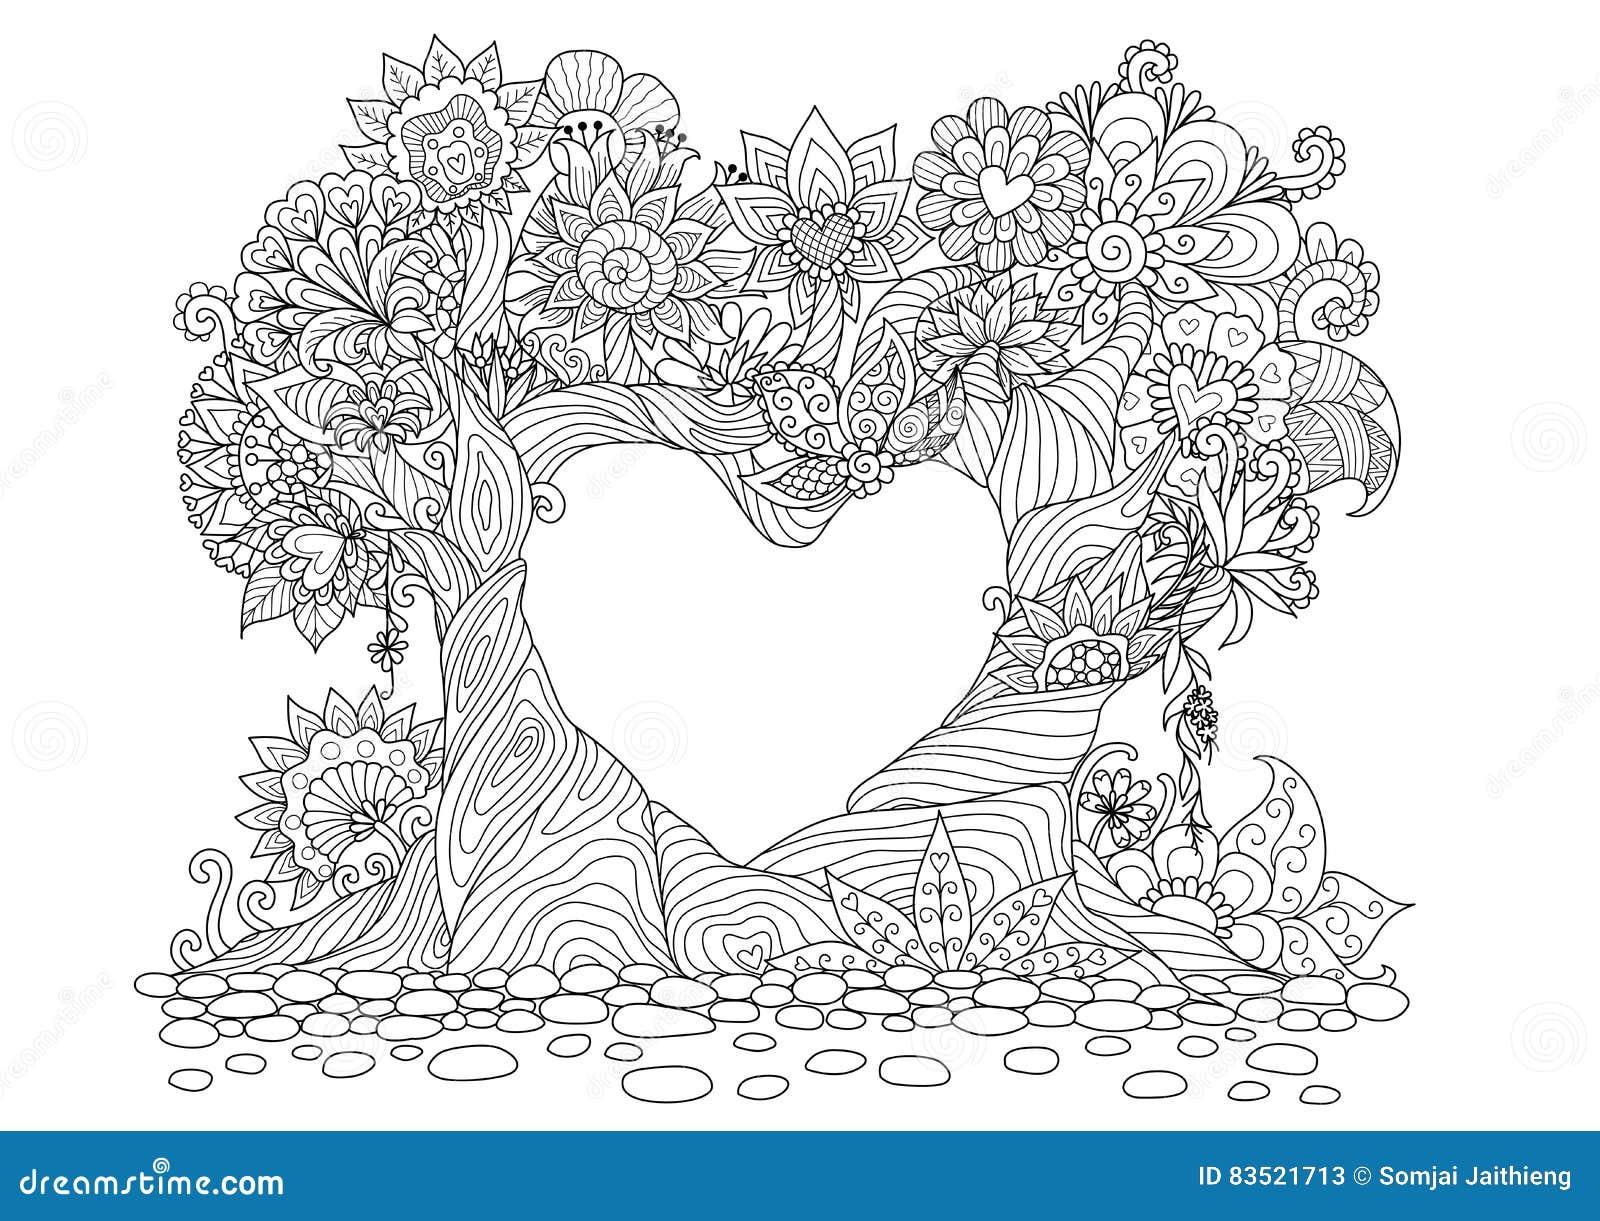 Coloriage Coeur Brillant.Les Arbres Abstraits Dans Schema Forme De Coeur Concoivent Pour